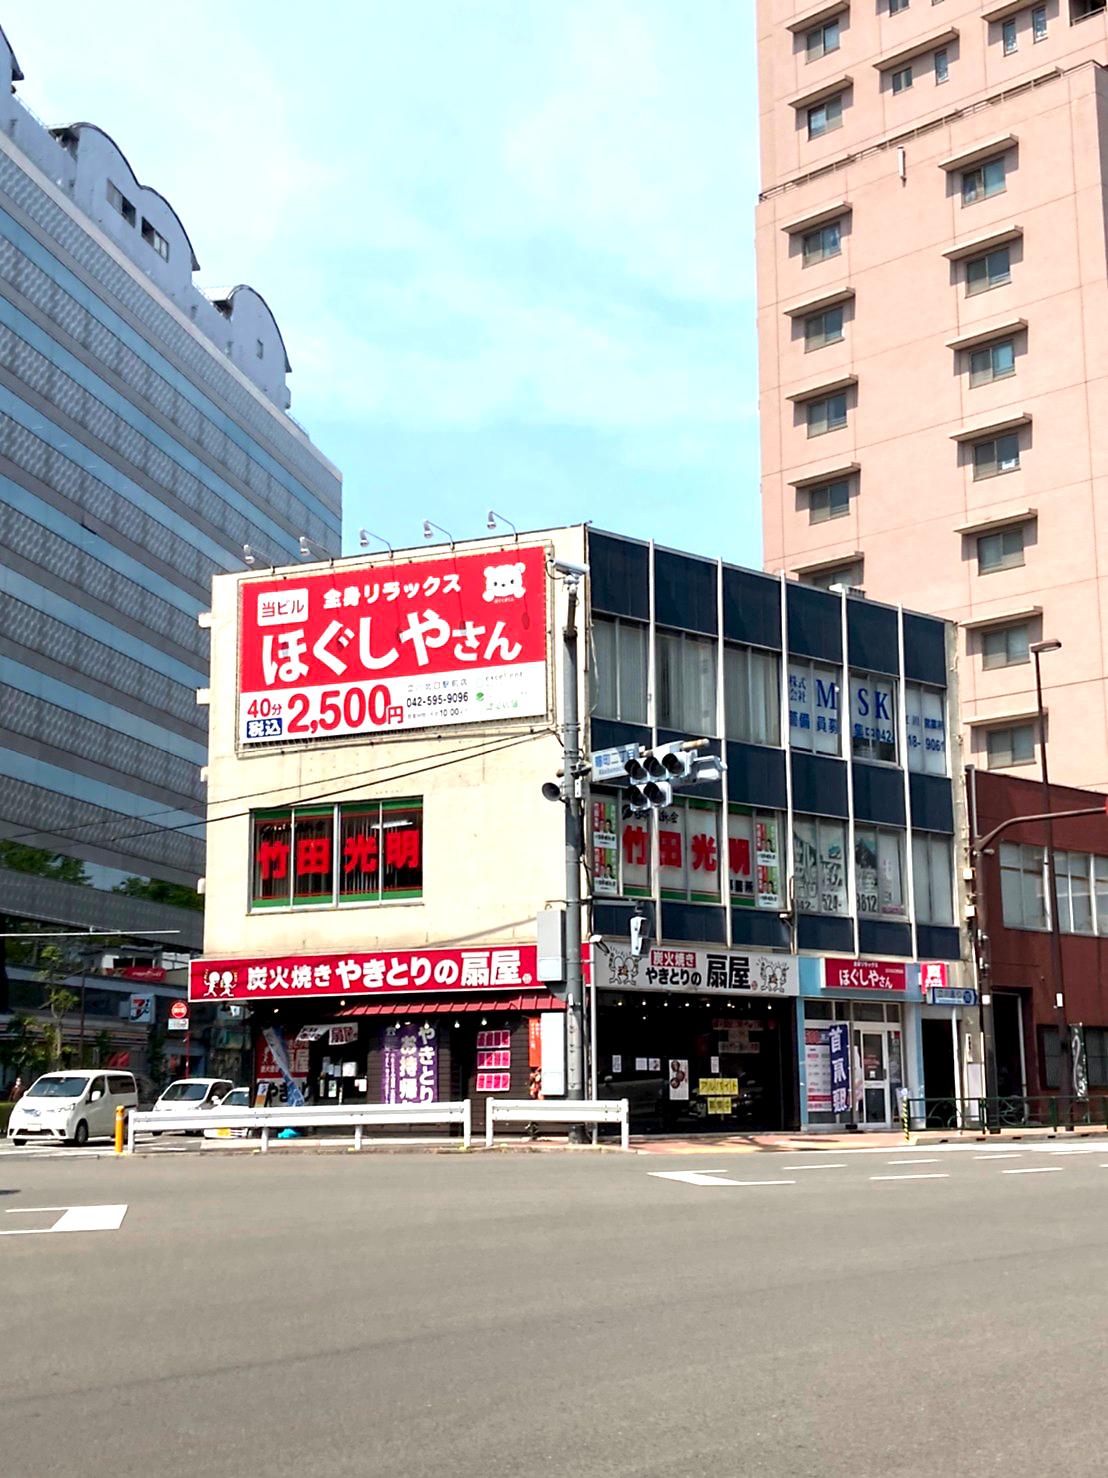 ほぐしやさん 立川北口駅前店メイン画像